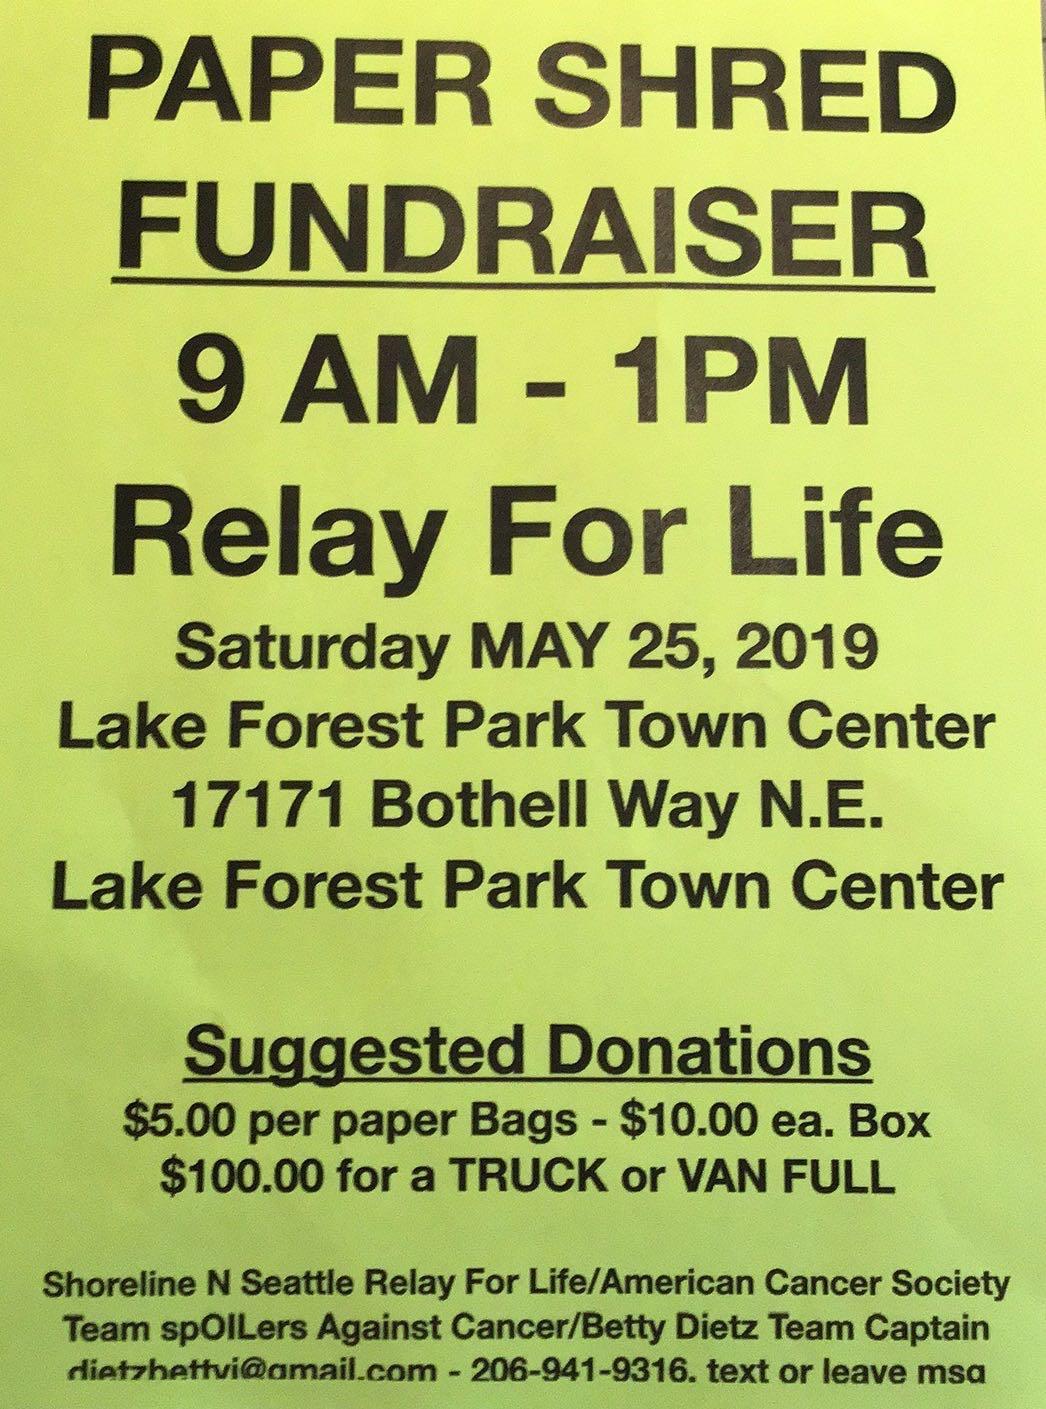 Shoreline Area News: Paper shredding fundraiser for Relay